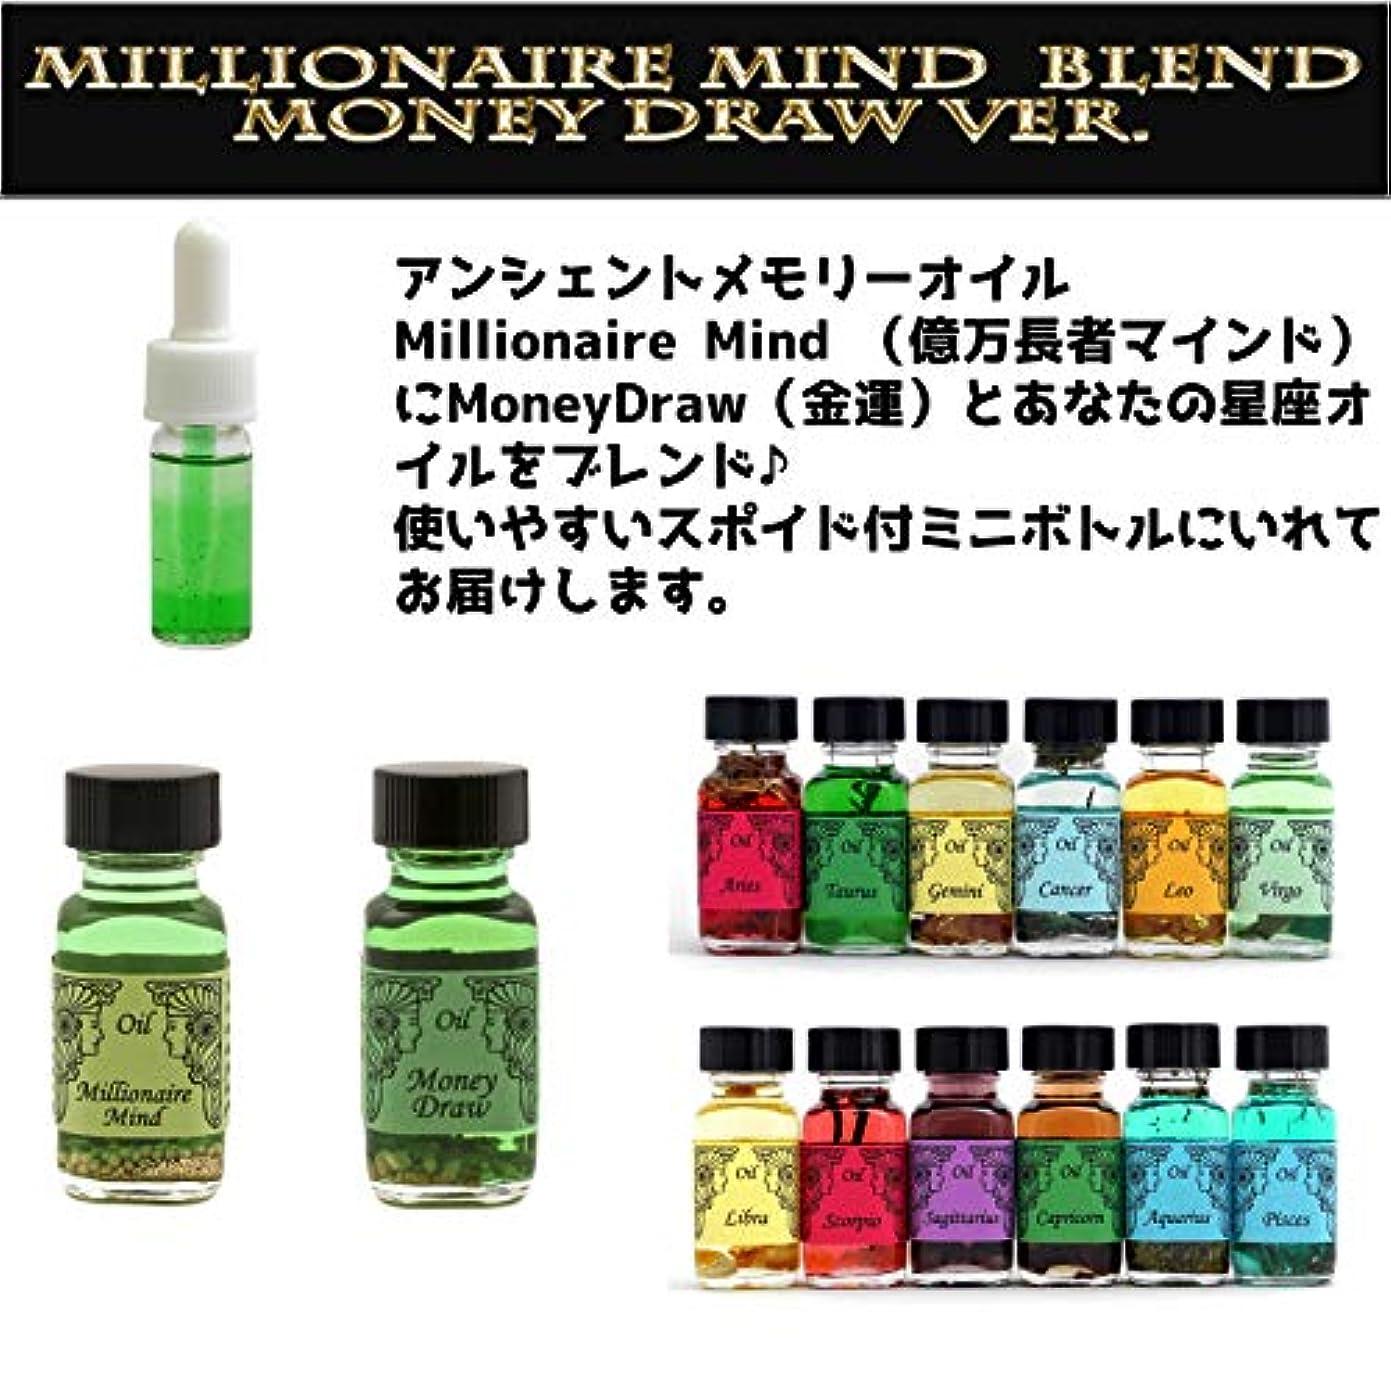 移住する未来旅アンシェントメモリーオイル Millionaire Mind 億万長者マインド ブレンド(Money Drawマネードロー(金運)&おとめ座